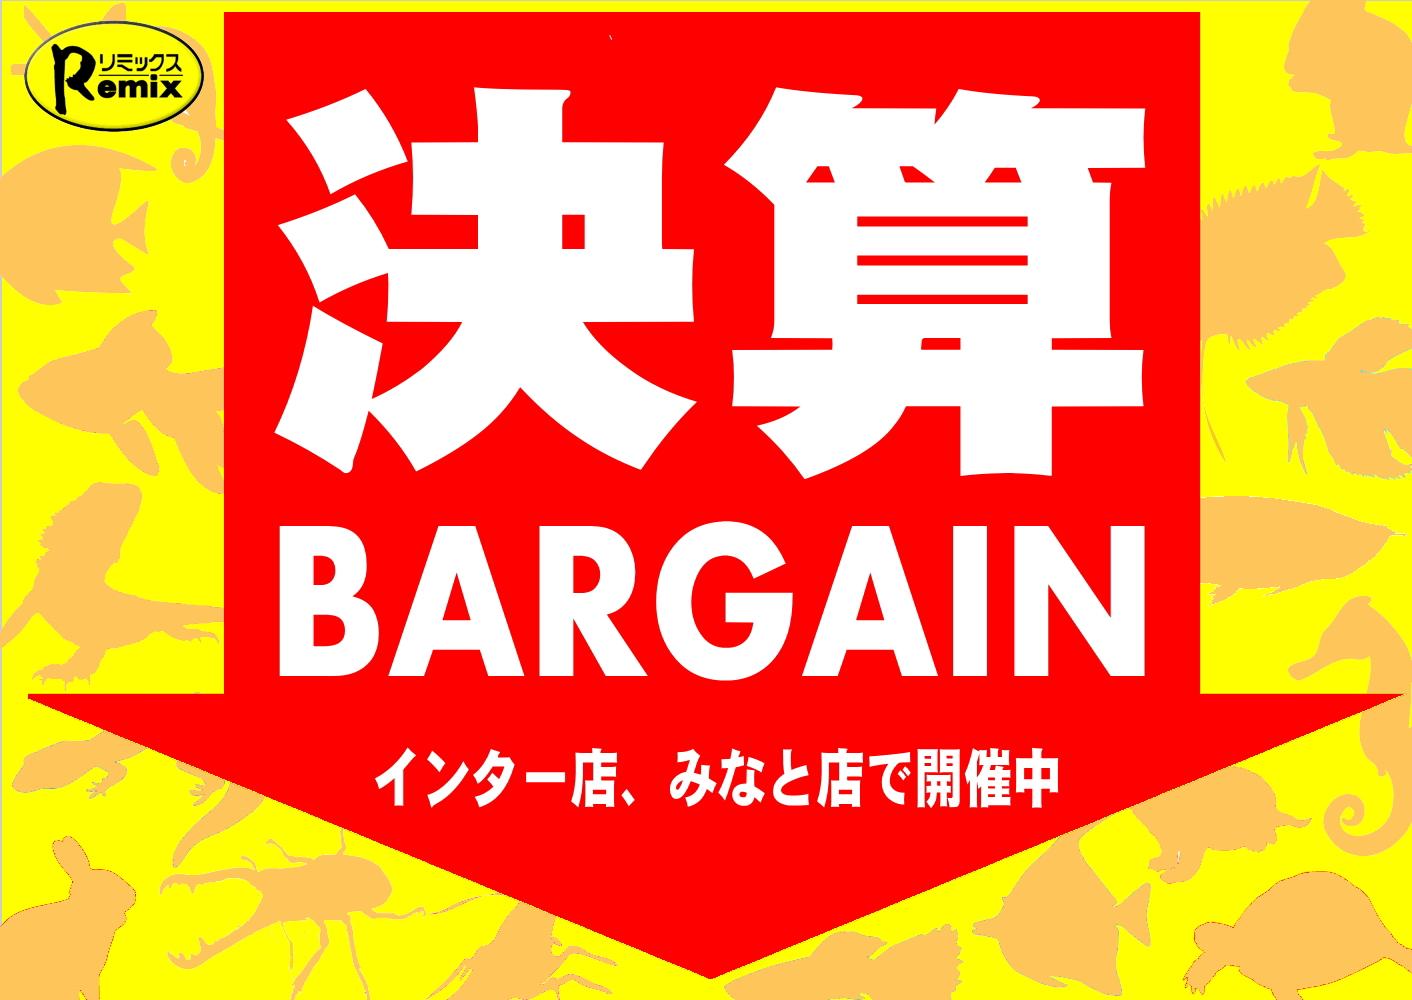 明日6月1日(木)から『決算バーゲン』始まる。